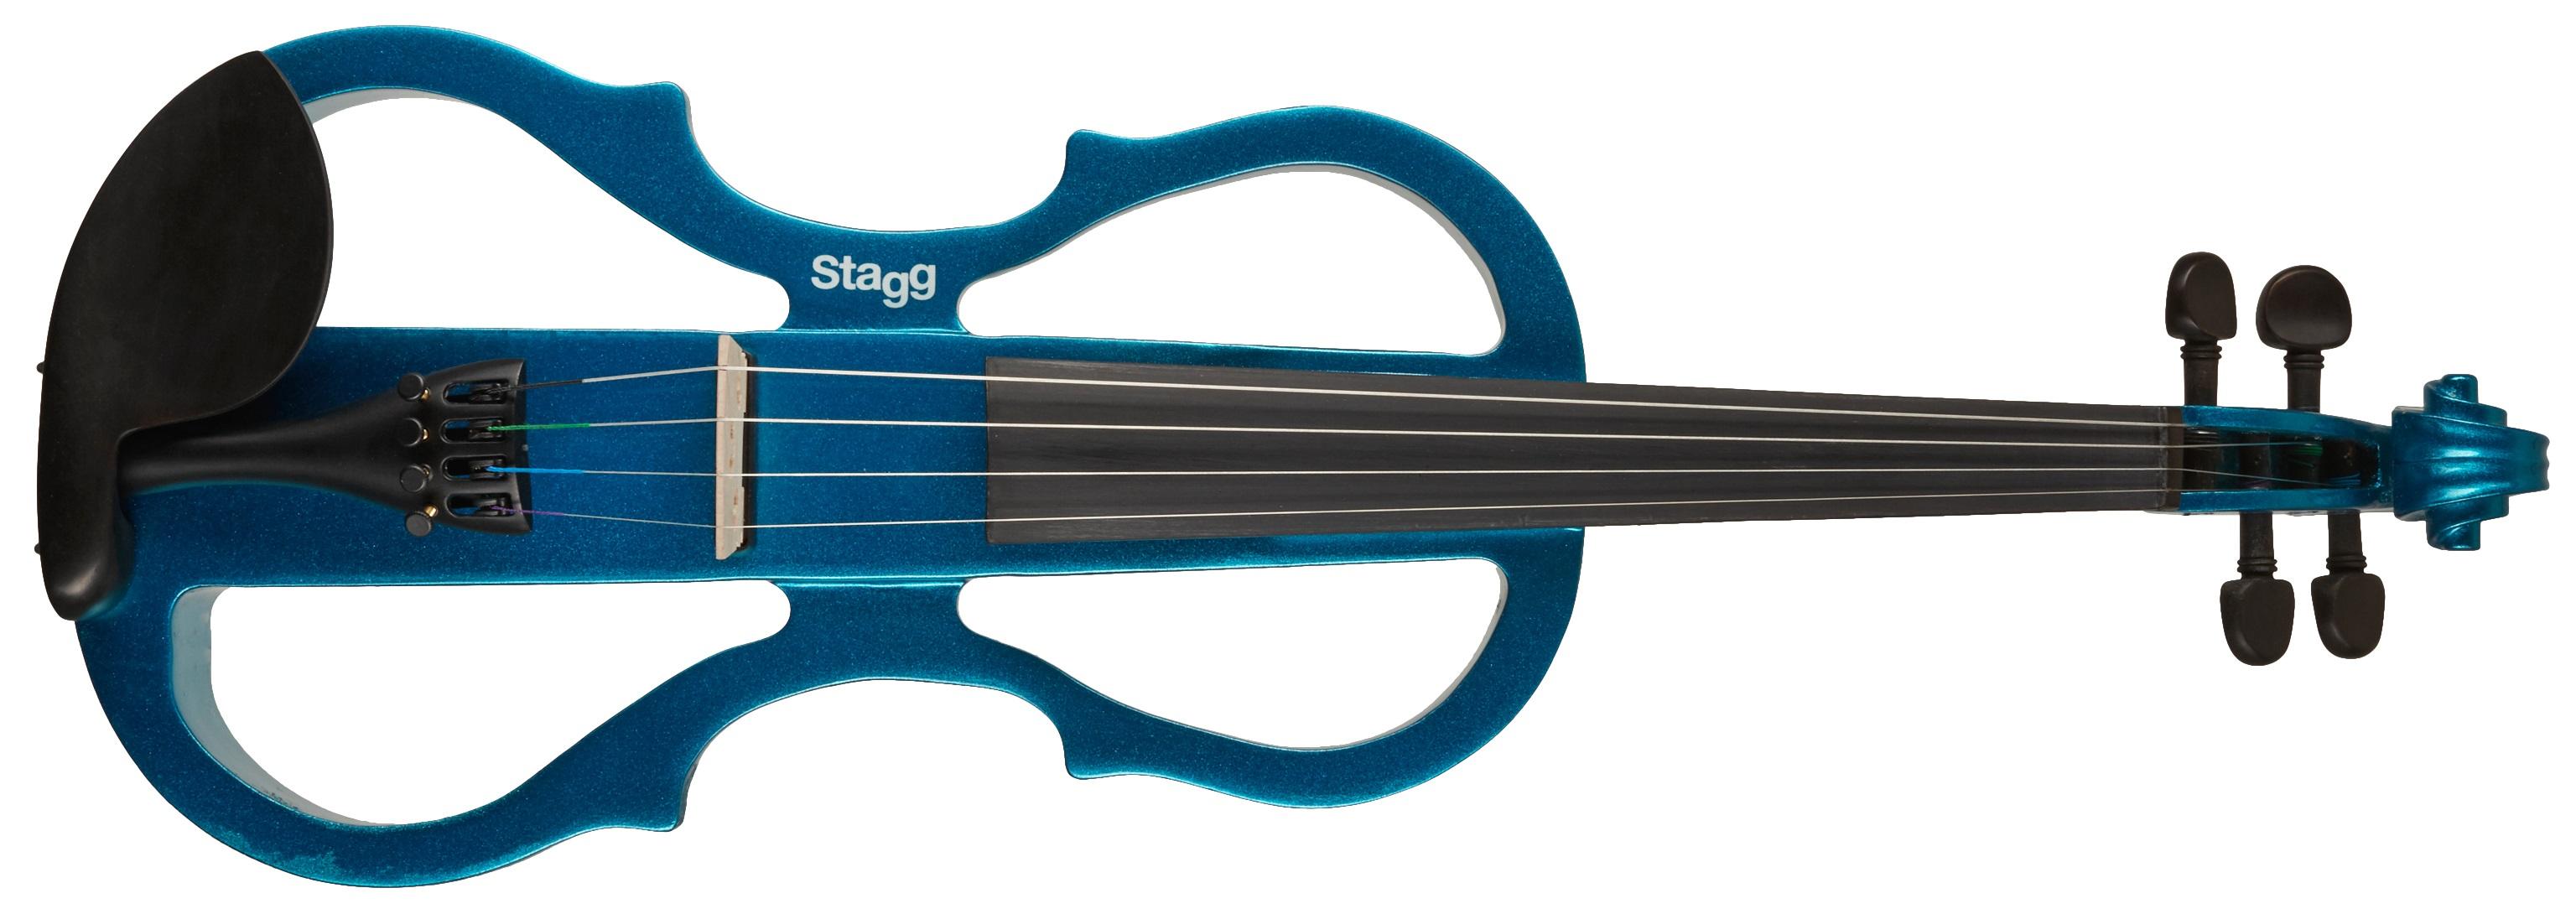 Stagg EVN X 4/4 MBL